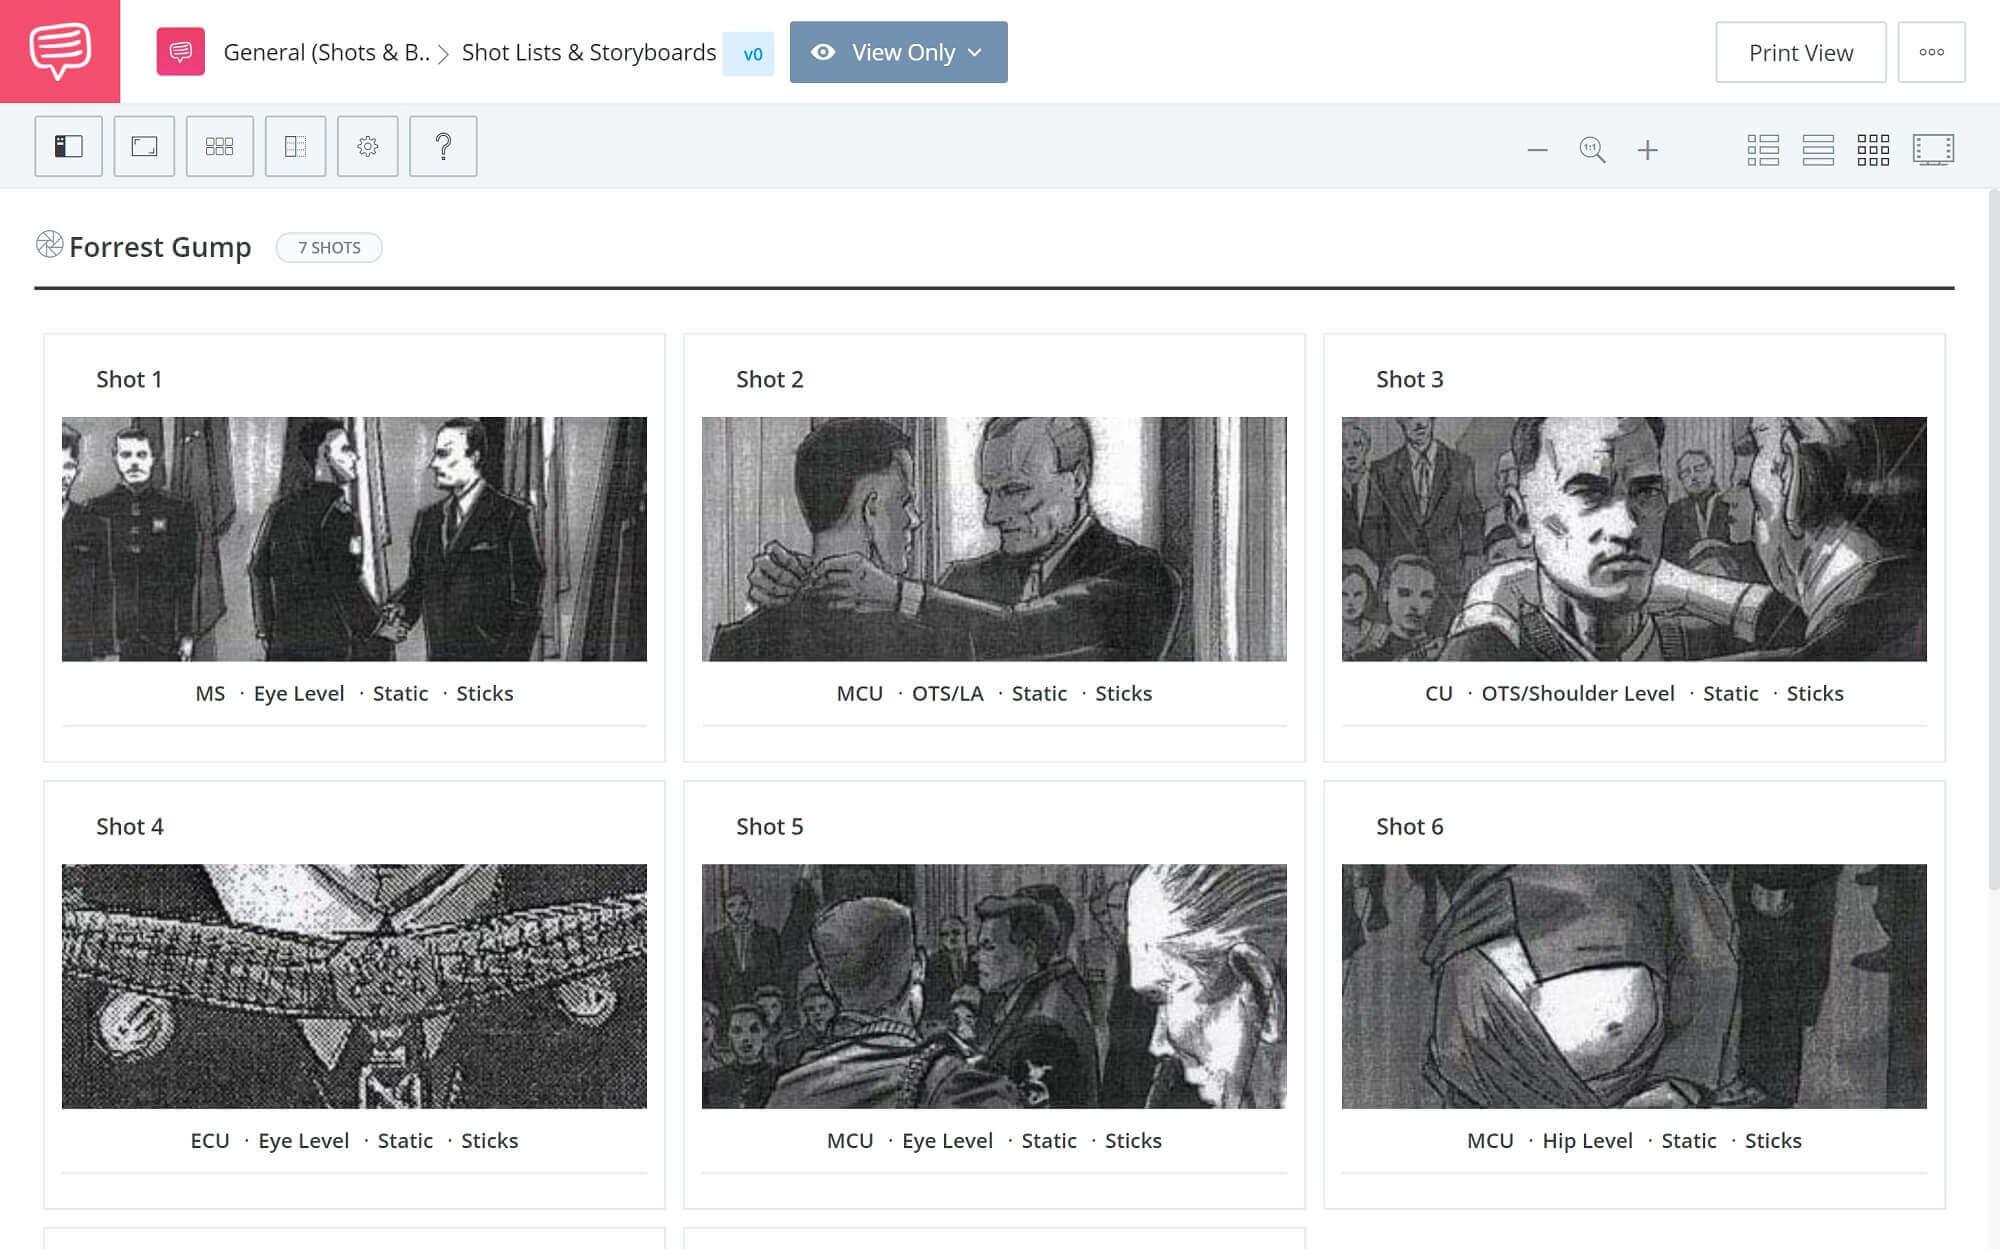 Film Storyboard Example - Forrest Gump Storyboard - StudioBinder Storyboarding Software